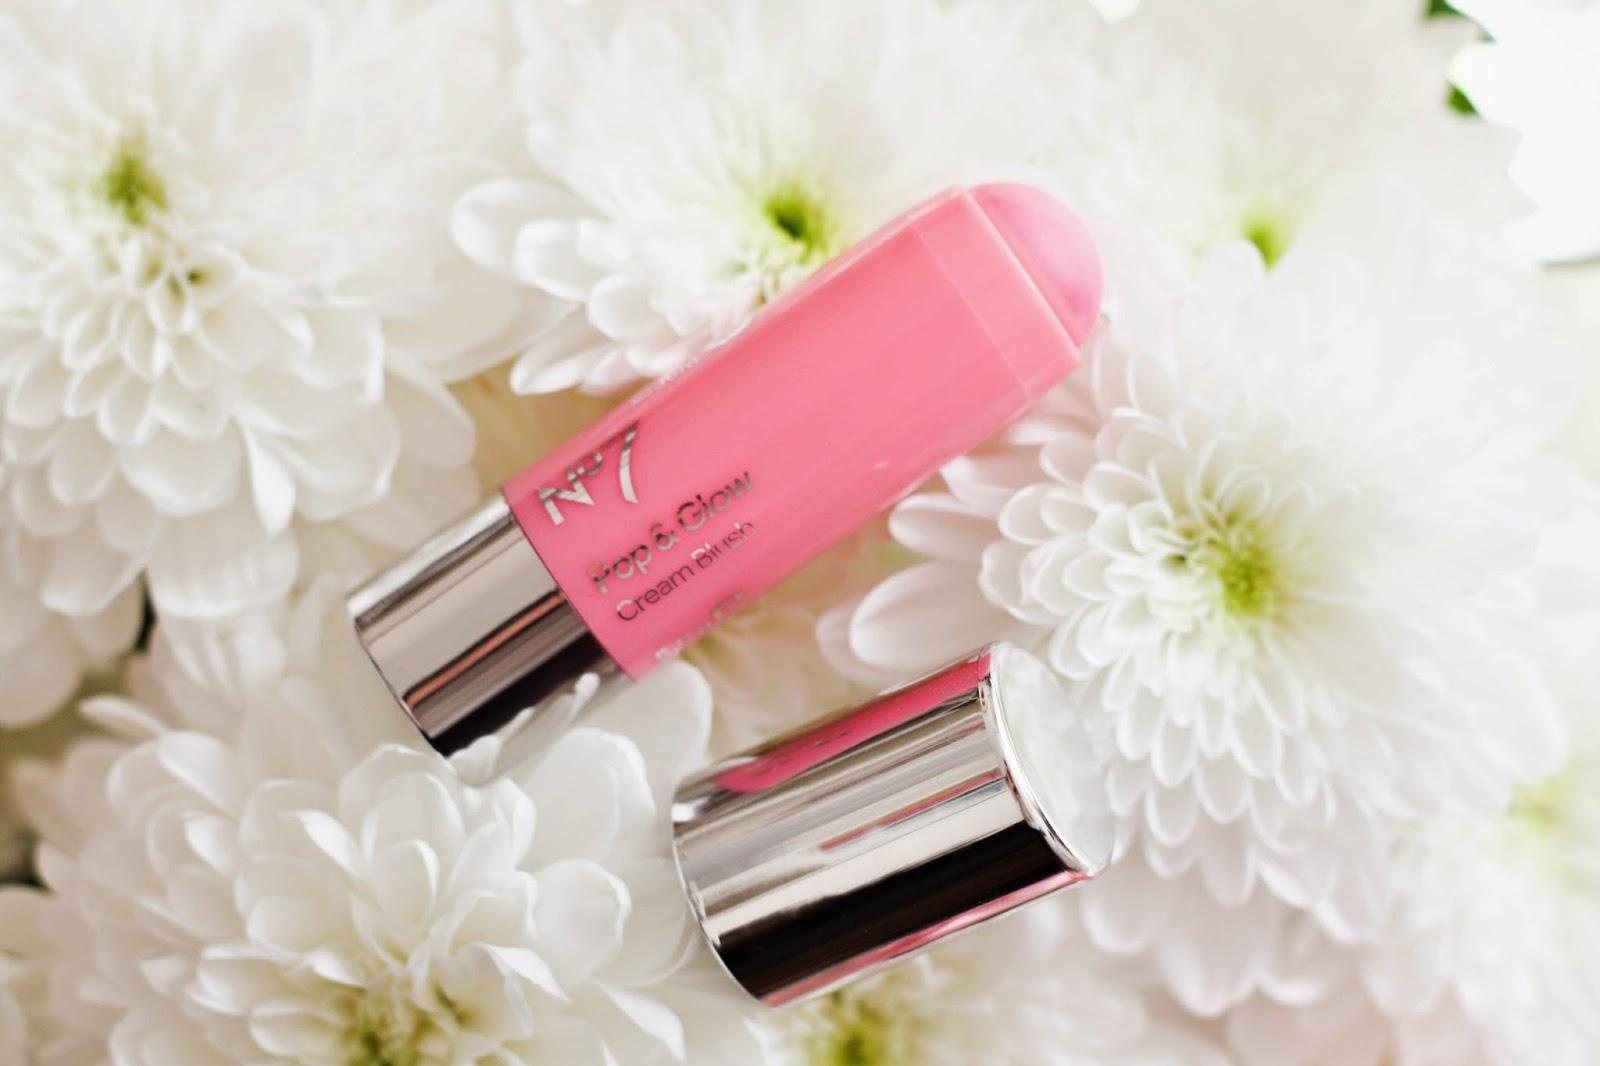 No7 Cream blush stick in Rose Blossom